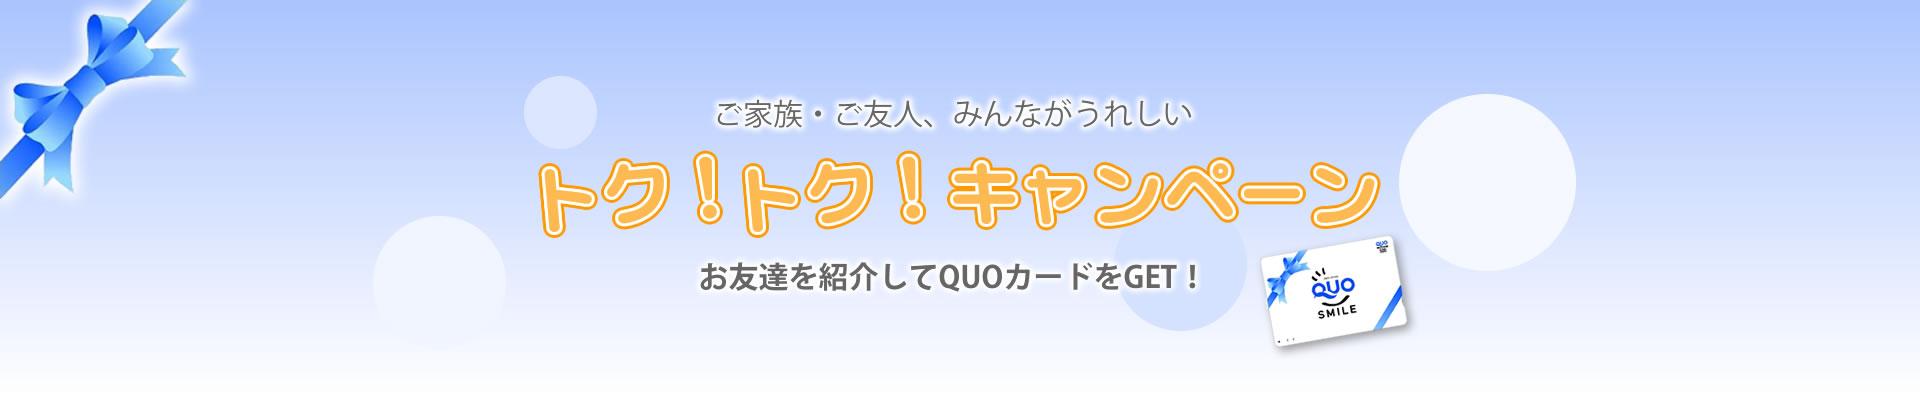 お友達を紹介でQUOカードをGET!家具のホンダ、トクトクキャンペーン